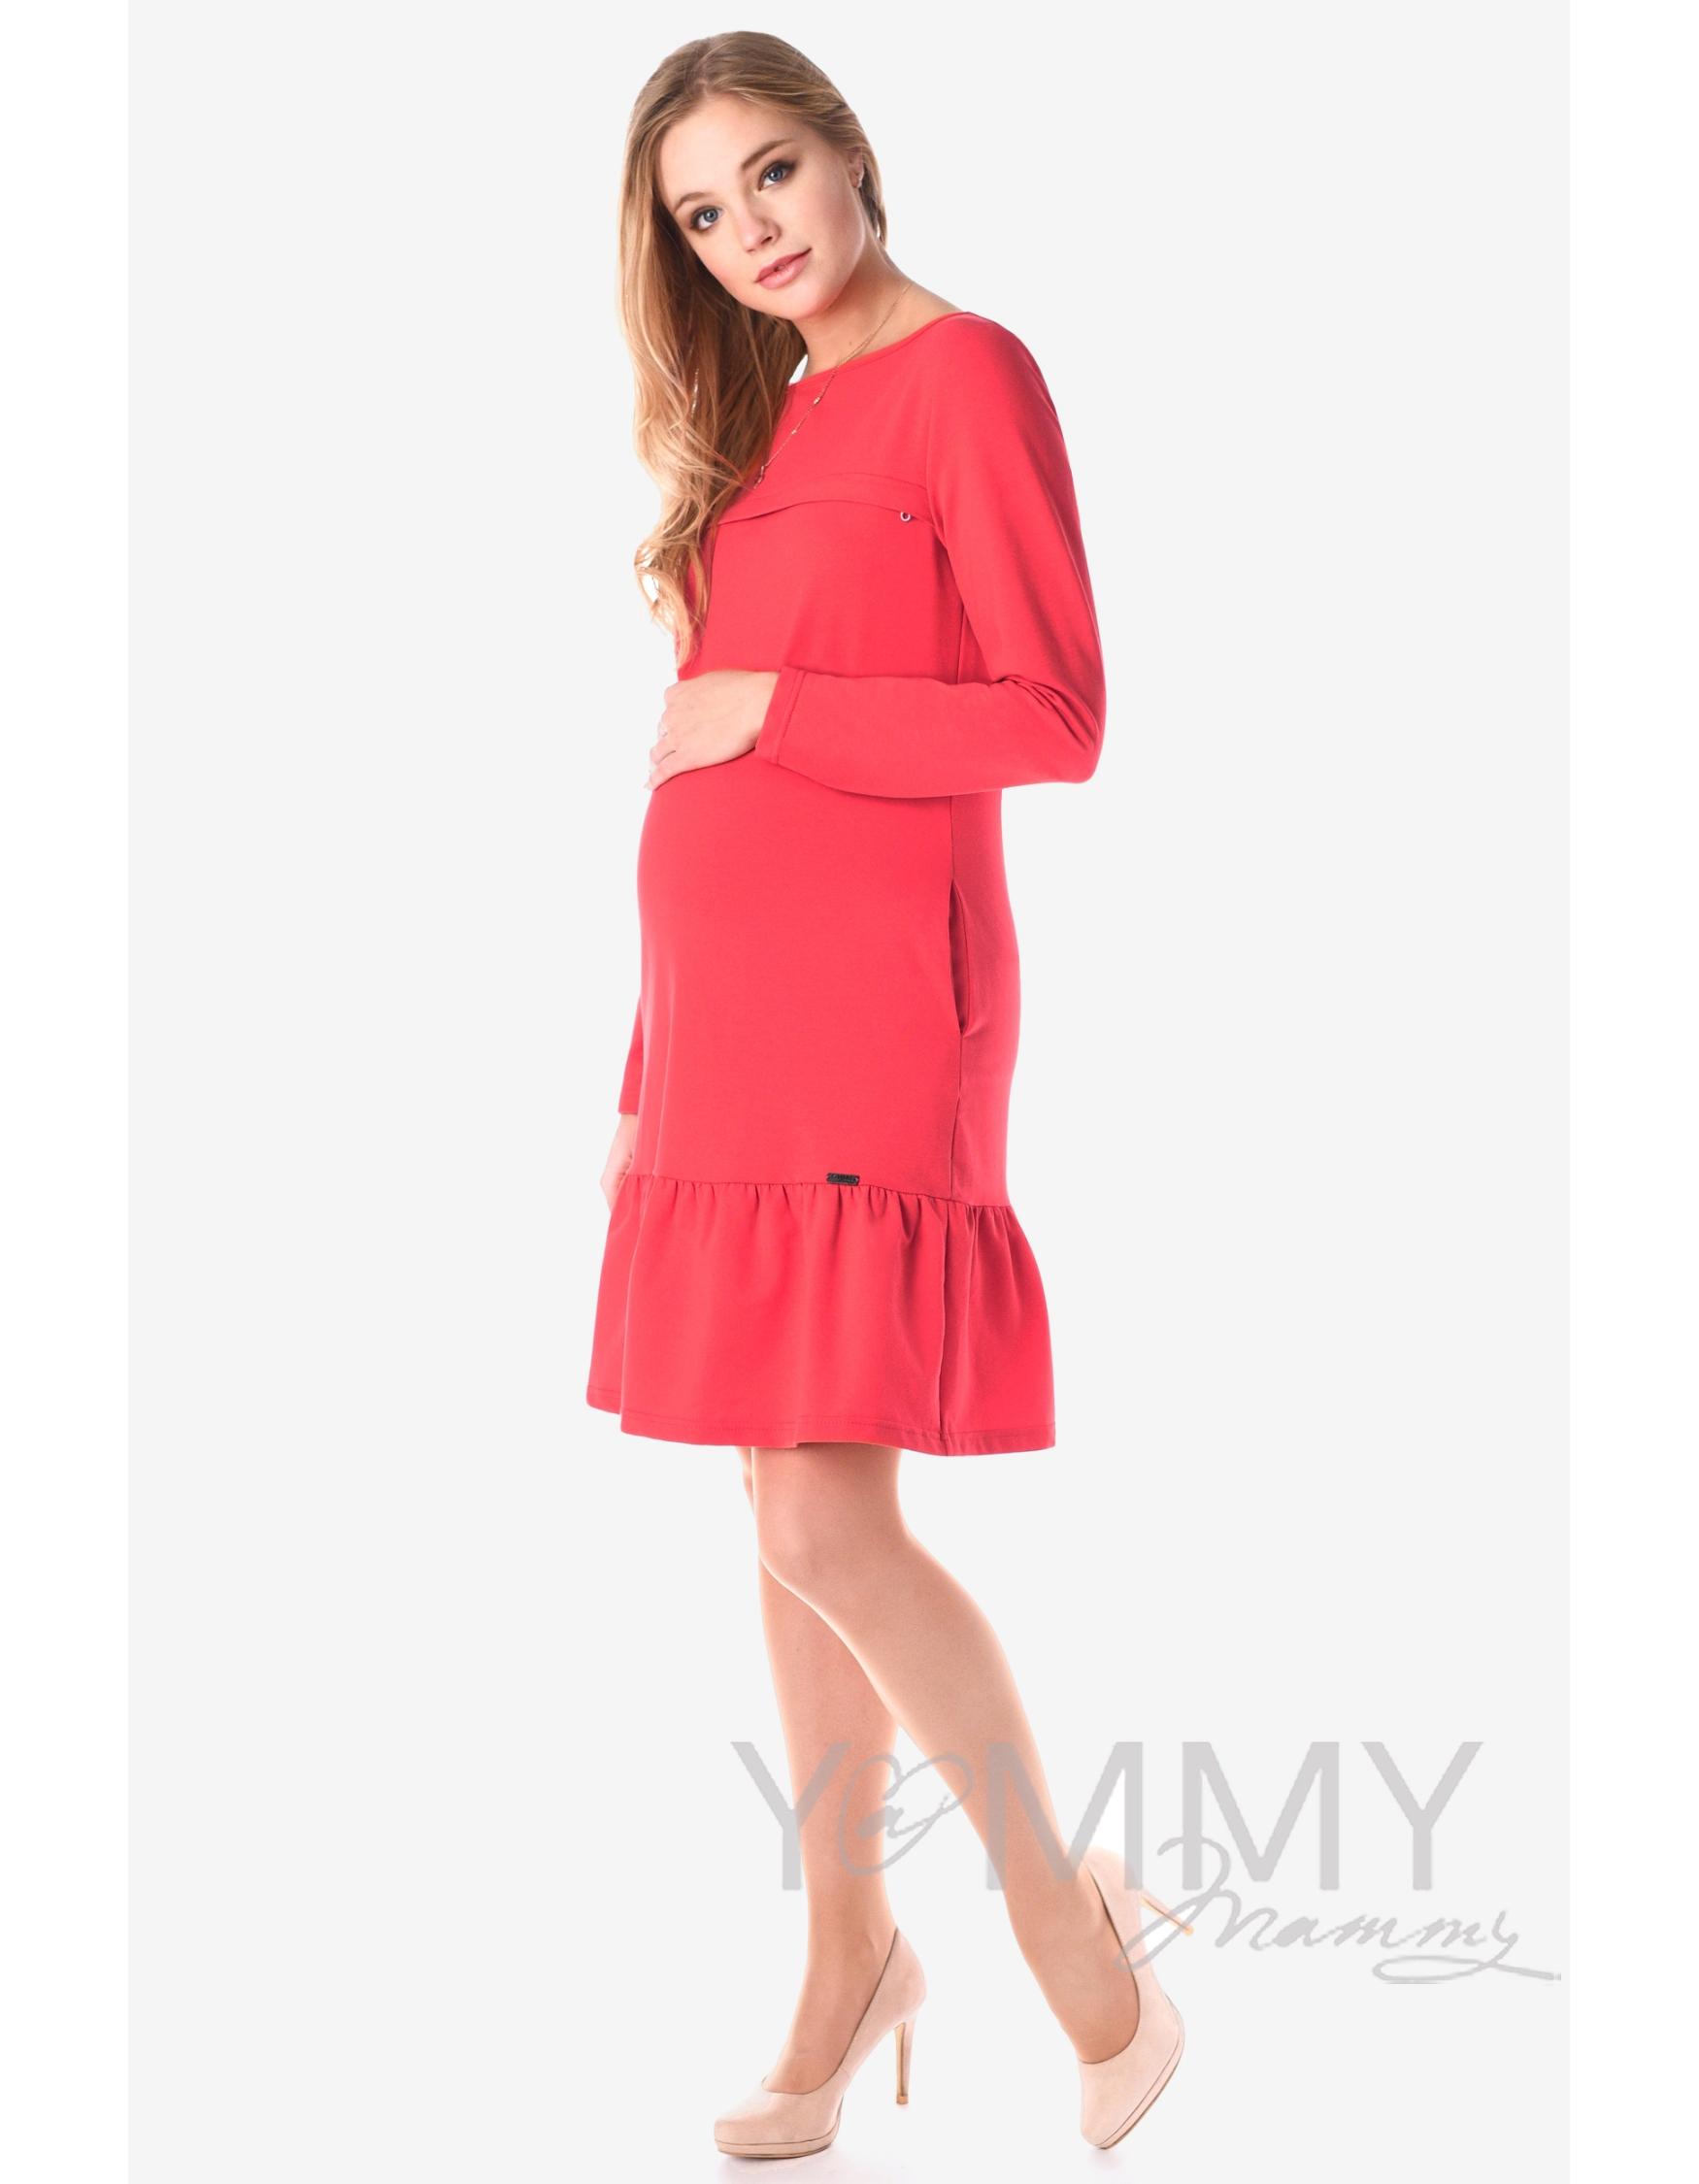 654d33eca3d6 Платье для беременных и кормящих с воланом, коралл - скидка - купить ...